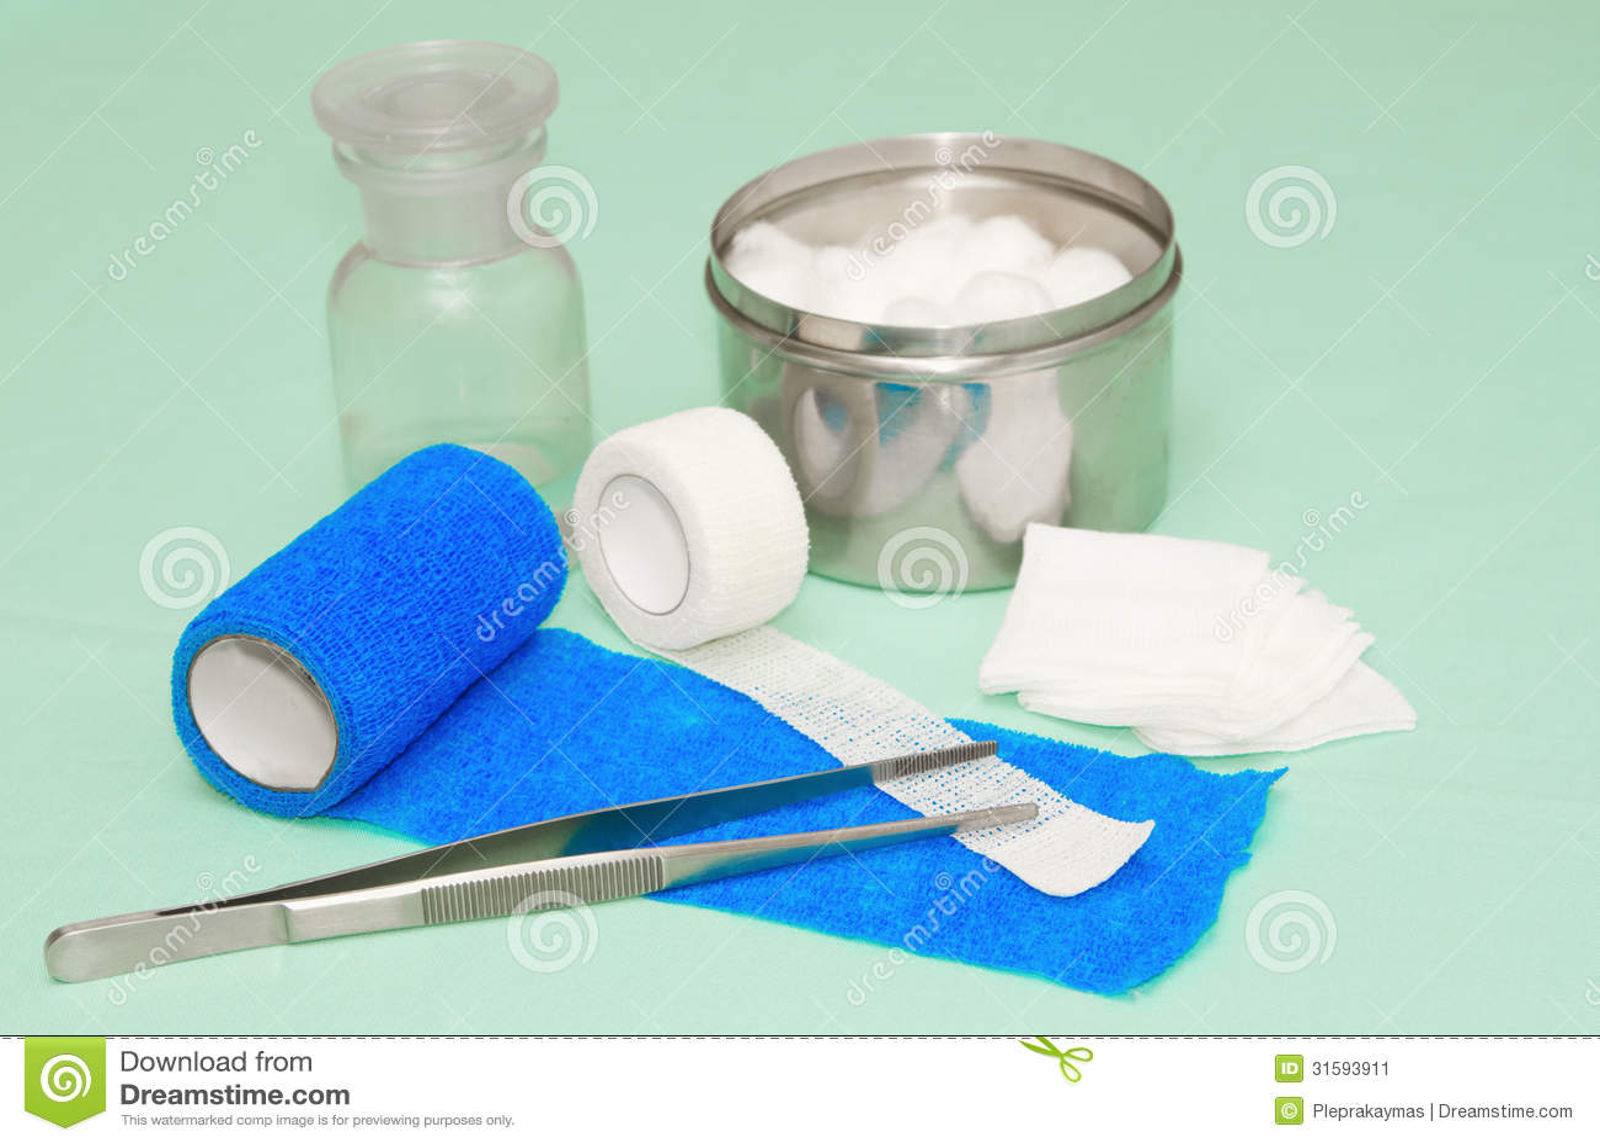 medical dressing wound kit stock image image 31593911. Black Bedroom Furniture Sets. Home Design Ideas